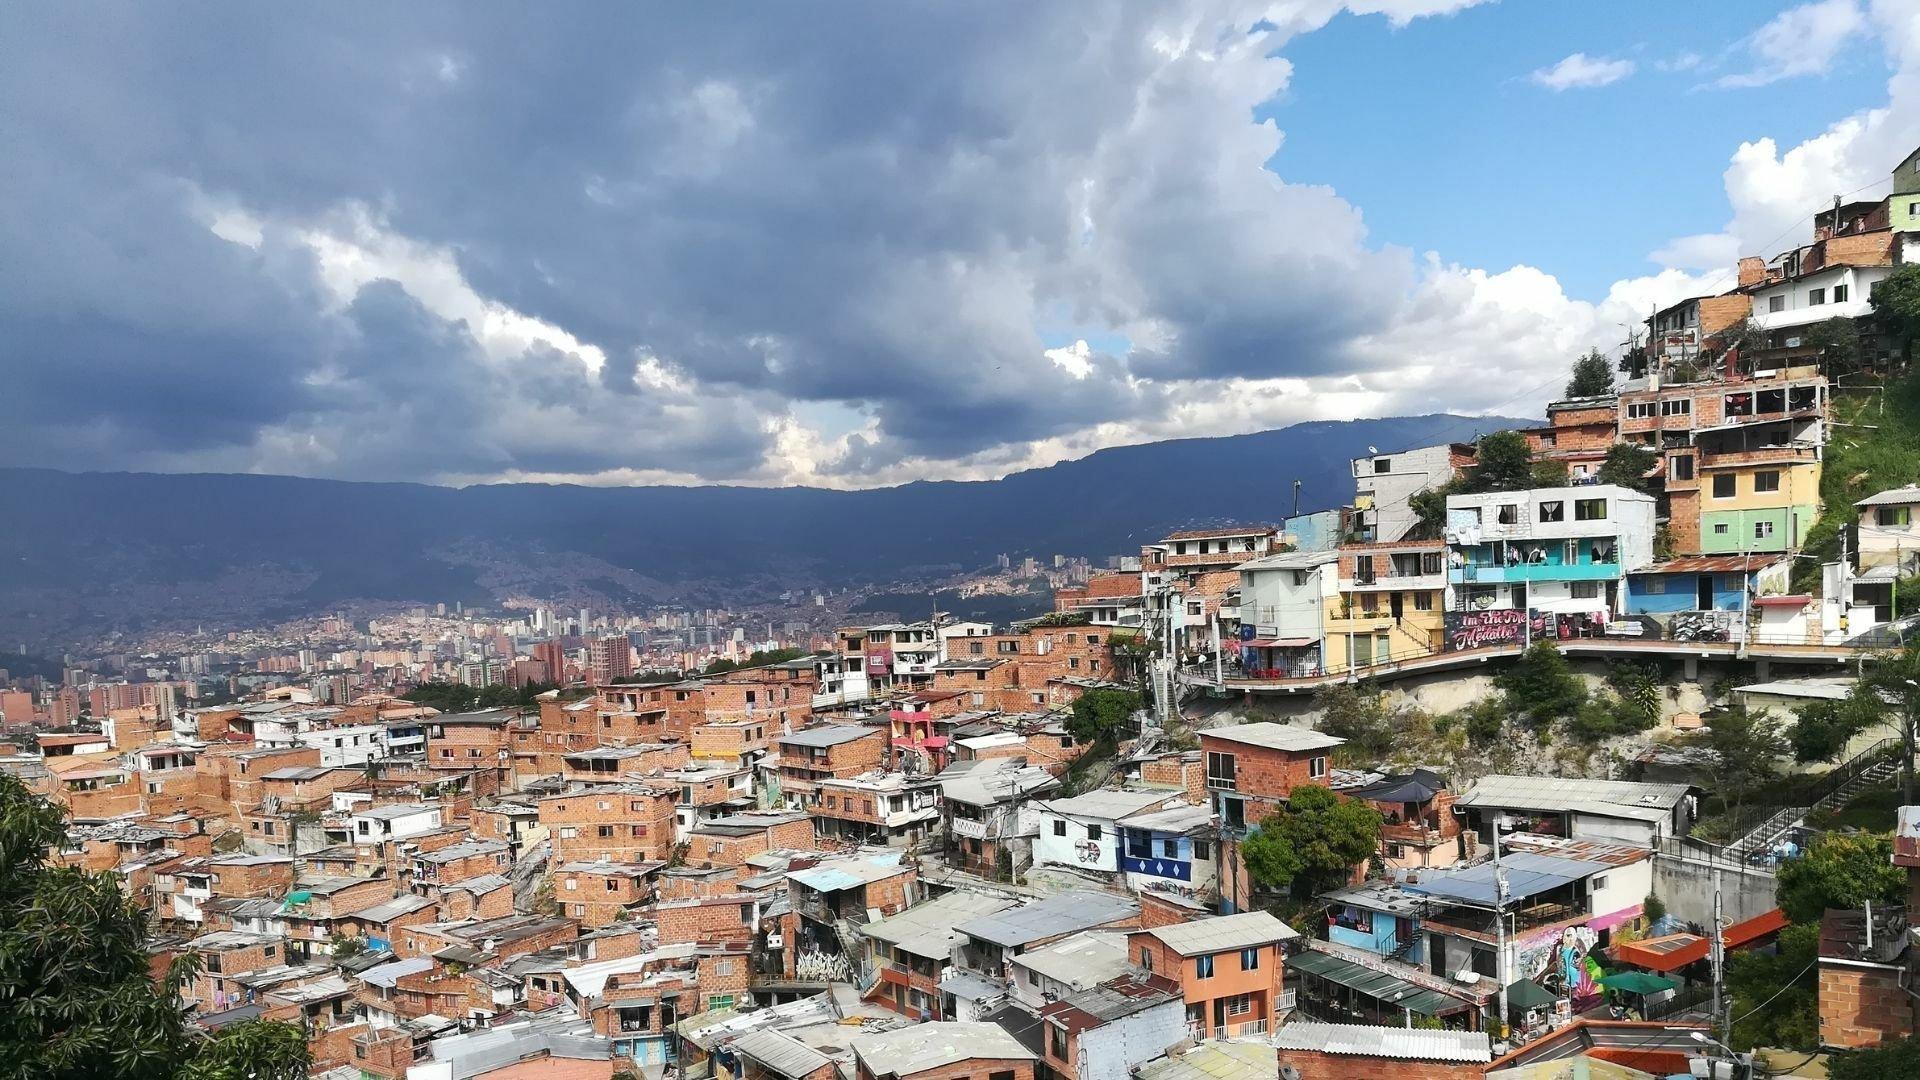 Ein Meer von Häuserdächern an einem steilen Hang. Die meisten Gebäude sind unverputzte Ziegelbauten mit Blechdächern, teilweise bunt angestrichen.